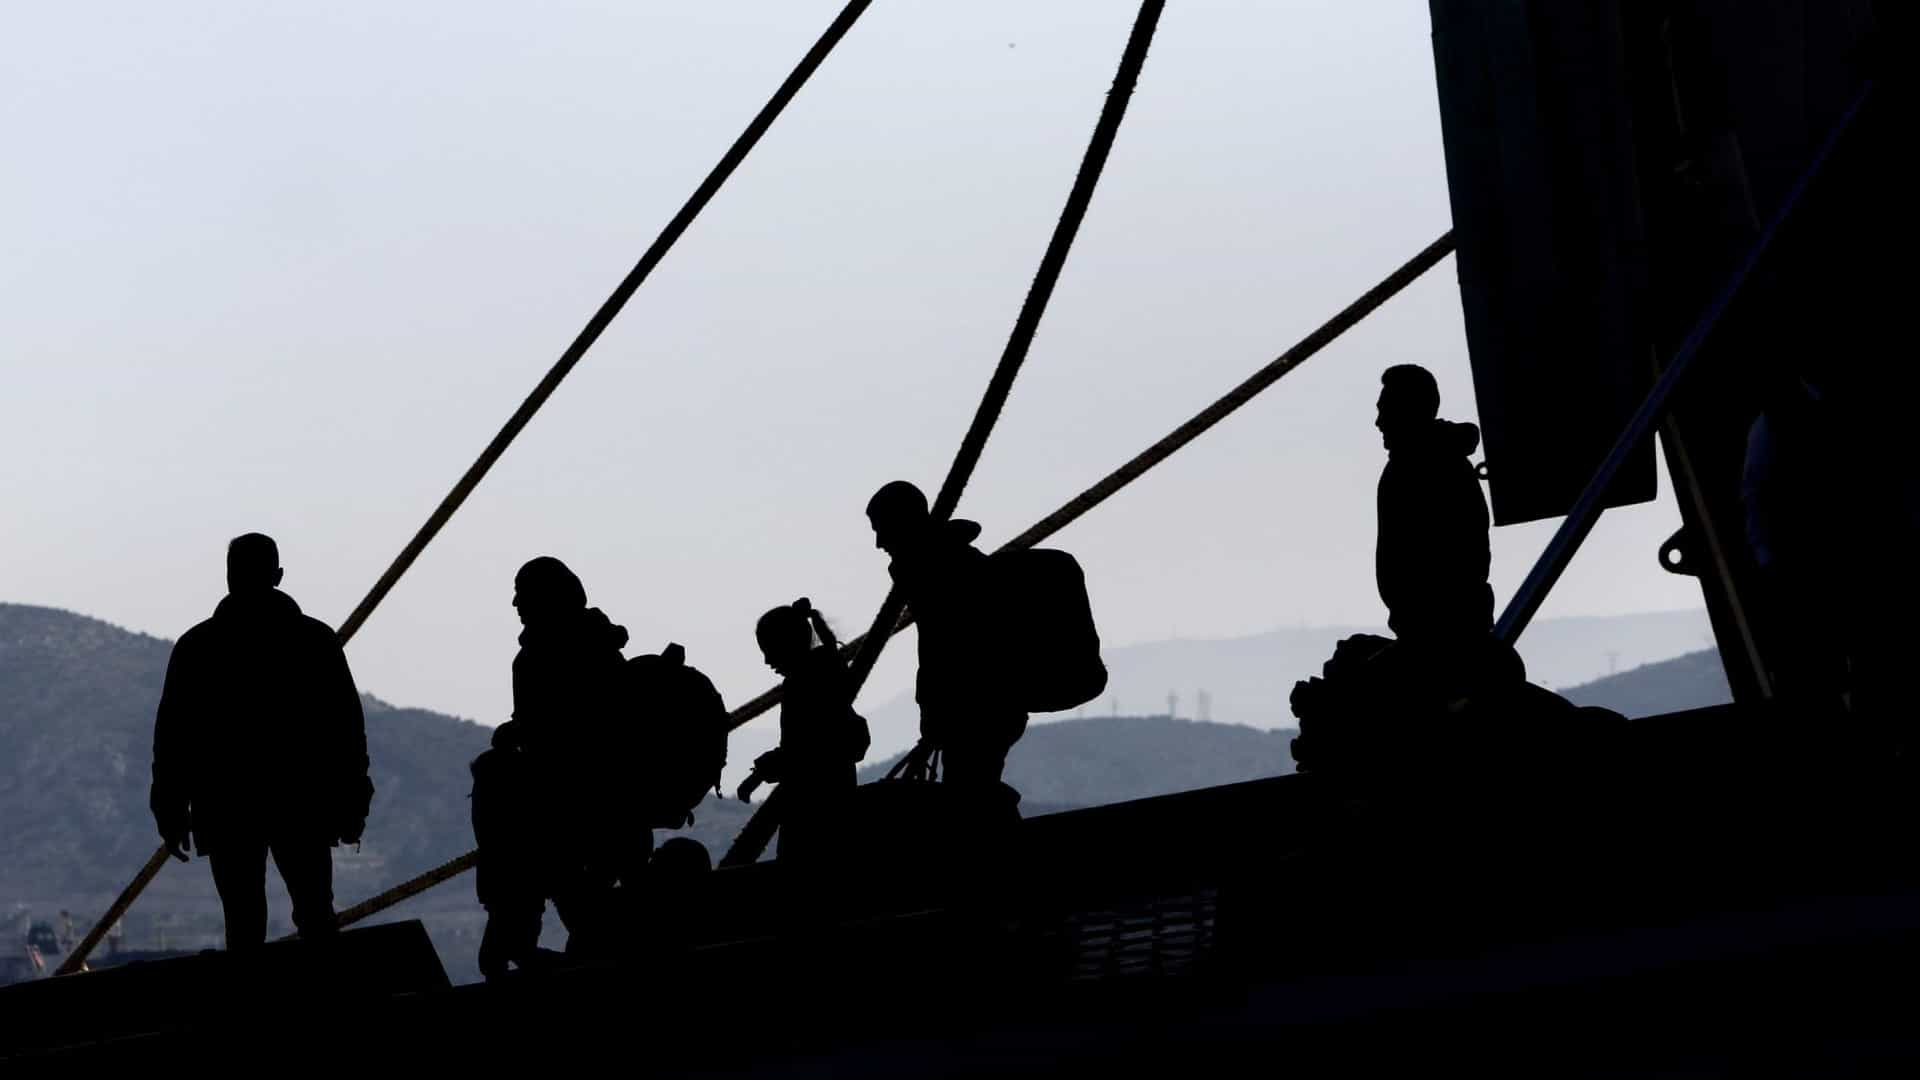 Pelo menos 2,5 milhões de pessoas recorreram a traficantes para migrarem